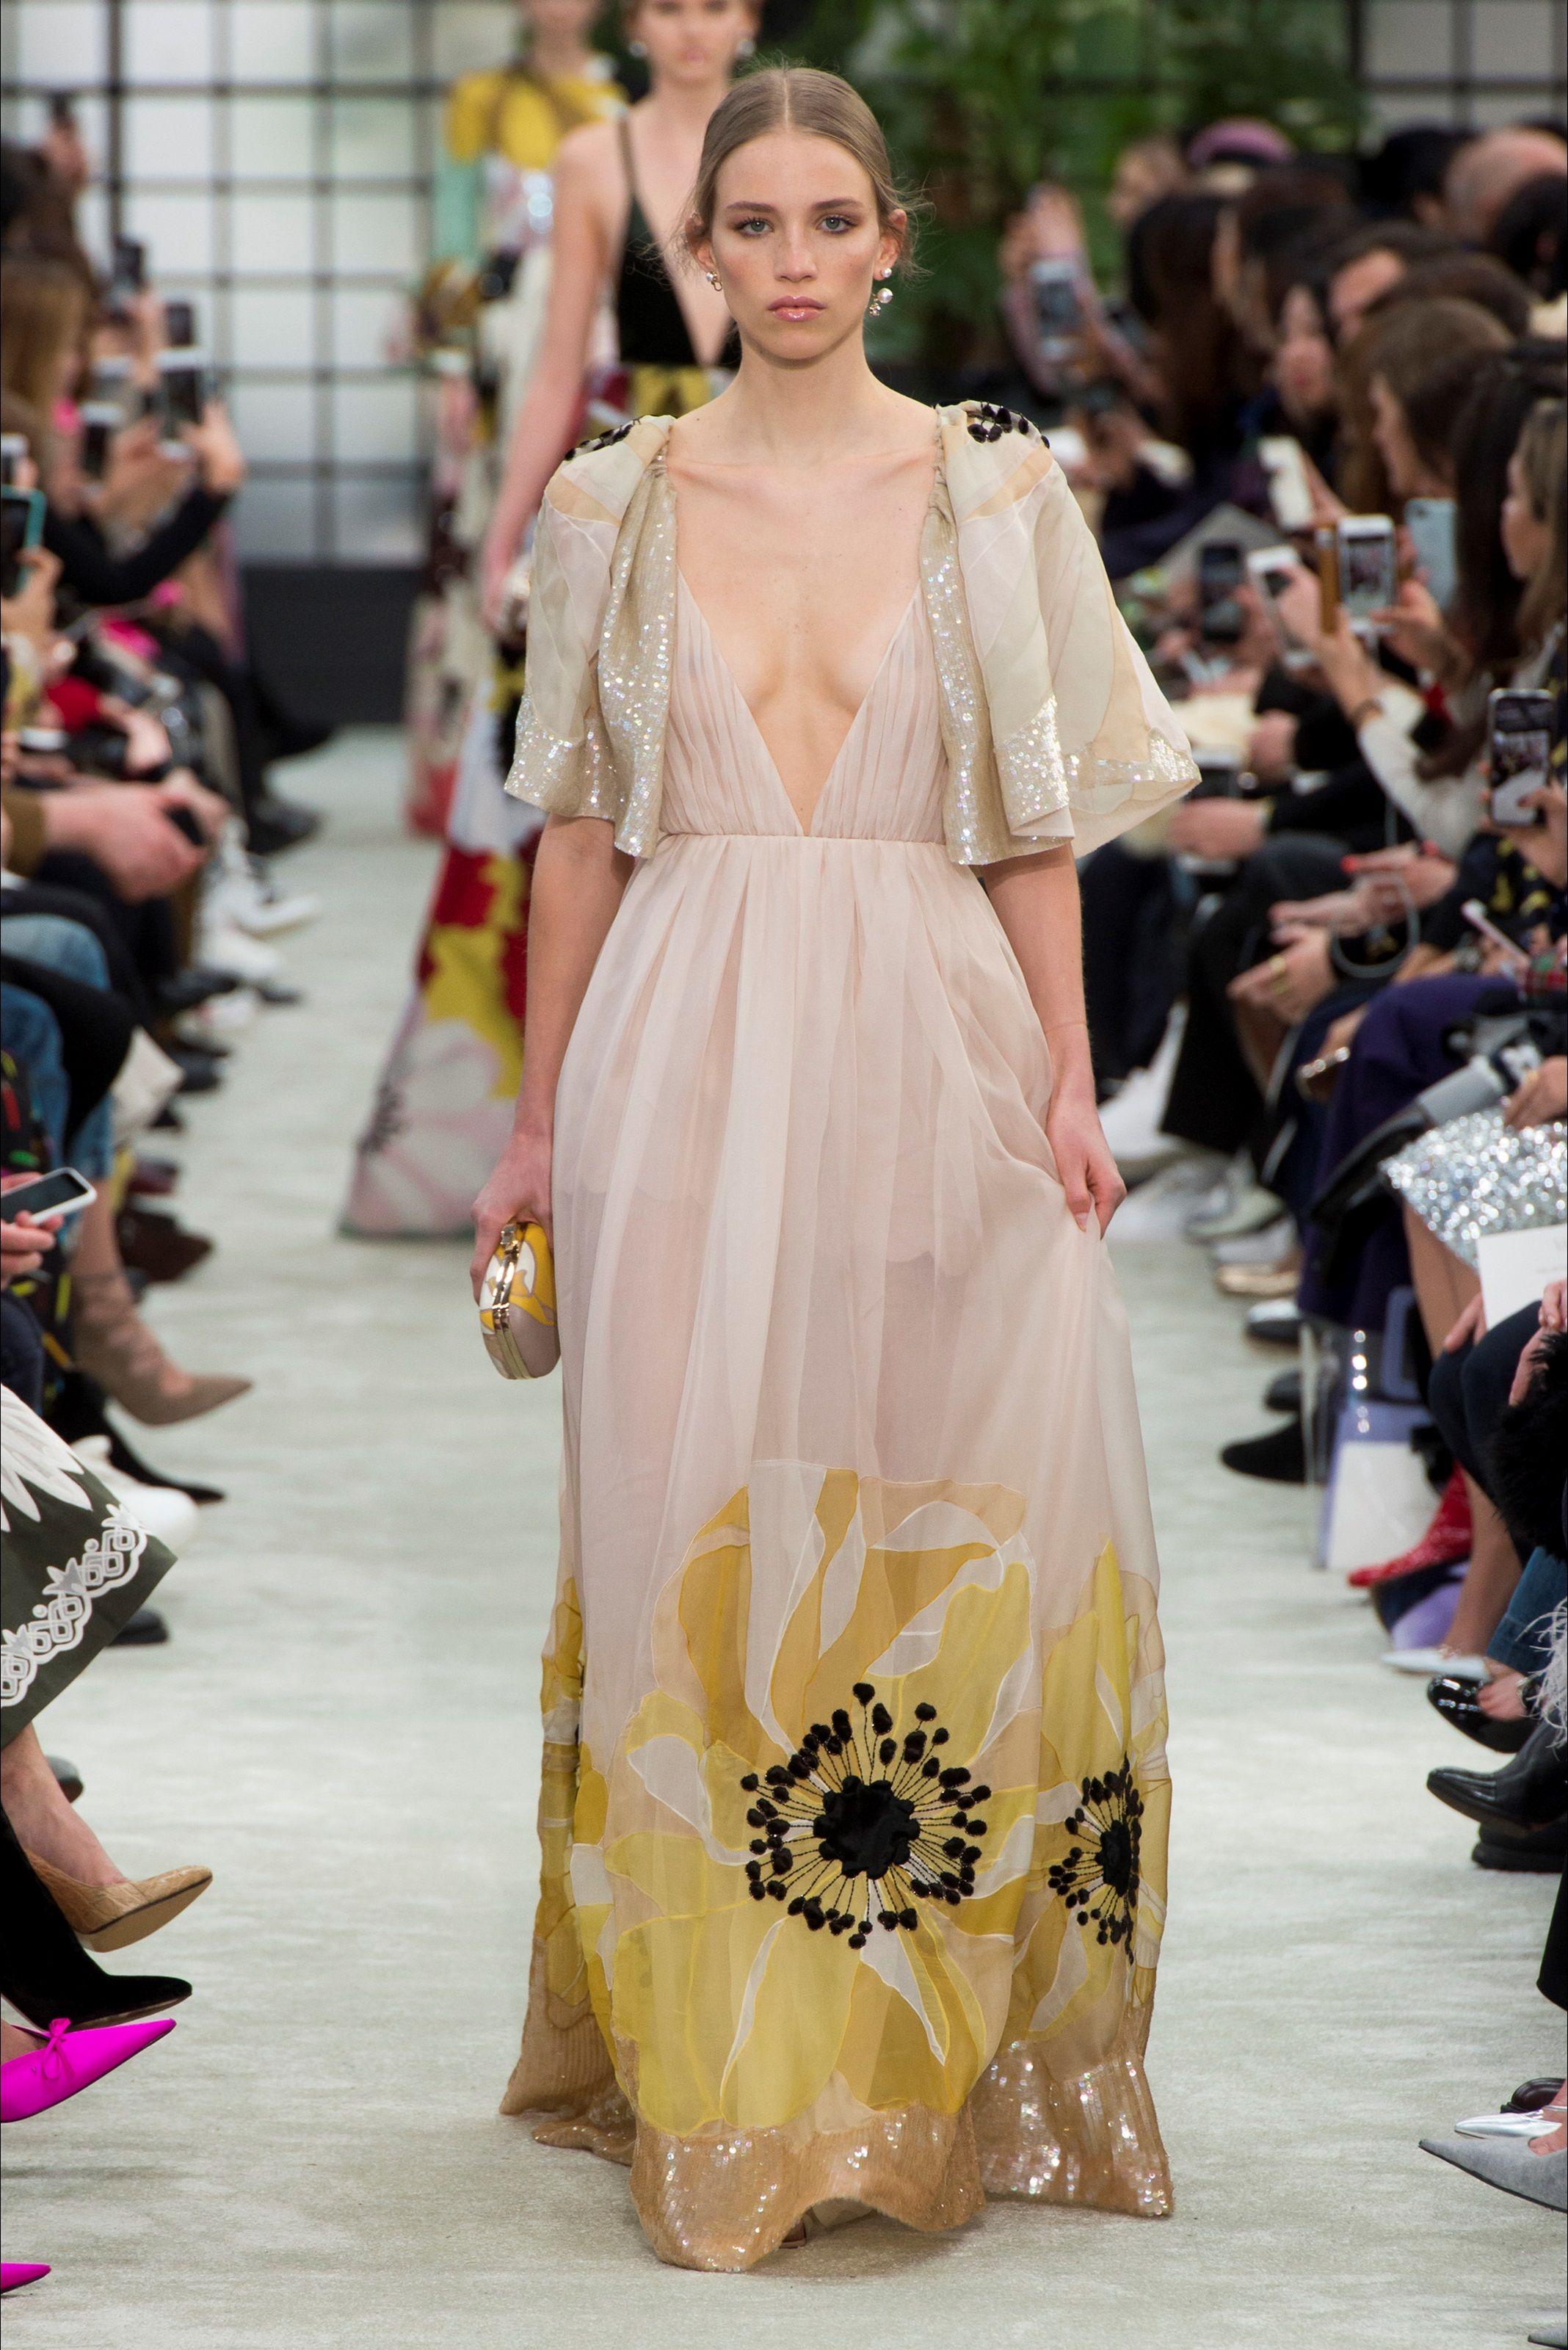 fa02148419f8 Guarda la sfilata di moda Valentino a Parigi e scopri la collezione di abiti  e accessori per la stagione Collezioni Autunno Inverno 2018-19.